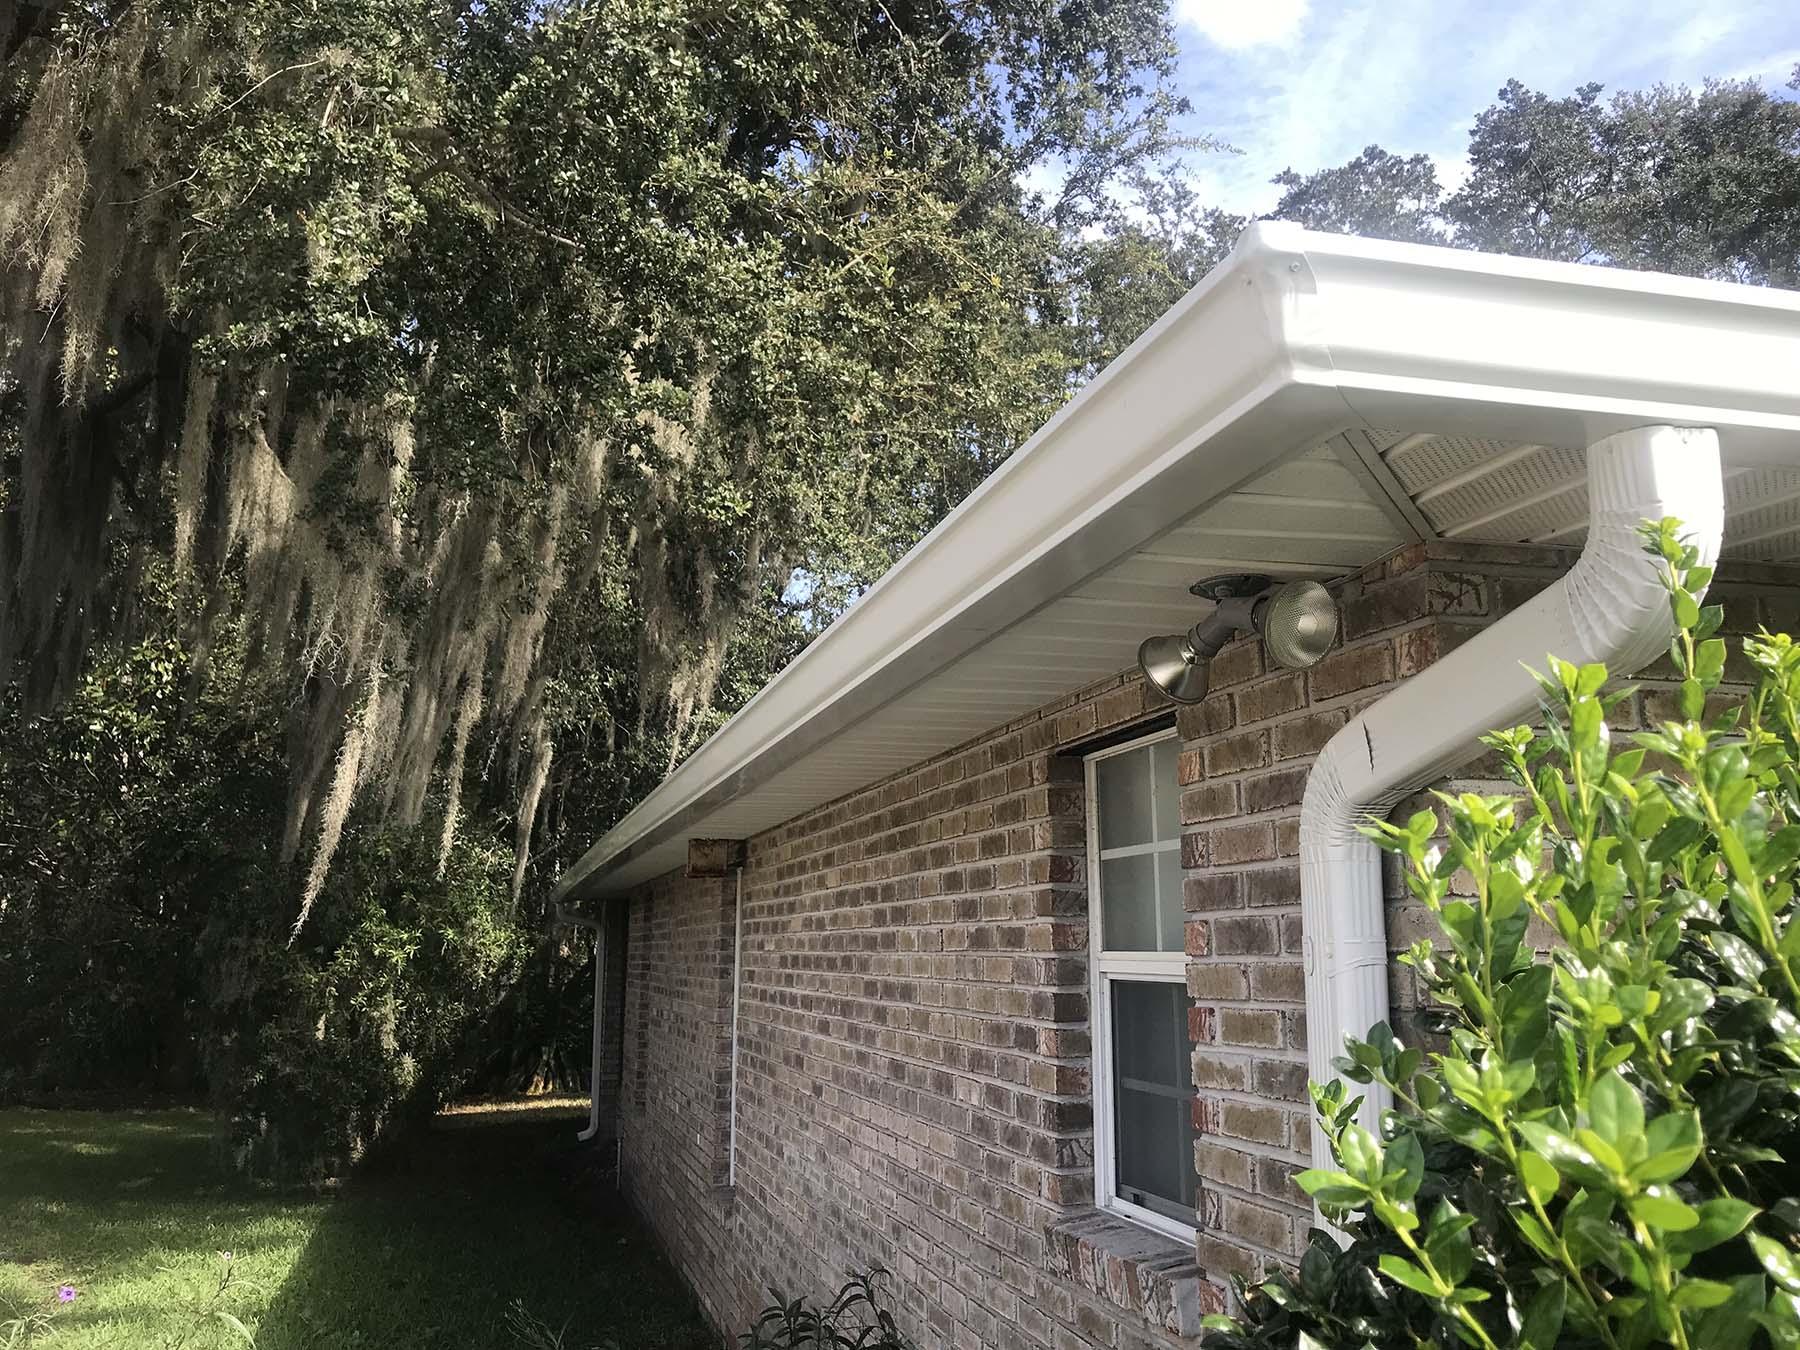 Gutter Guards Jacksonville - New Gutters Jacksonville - Gutter Installation - Gutter Protection Jacksonville - Gutter Cap Florida